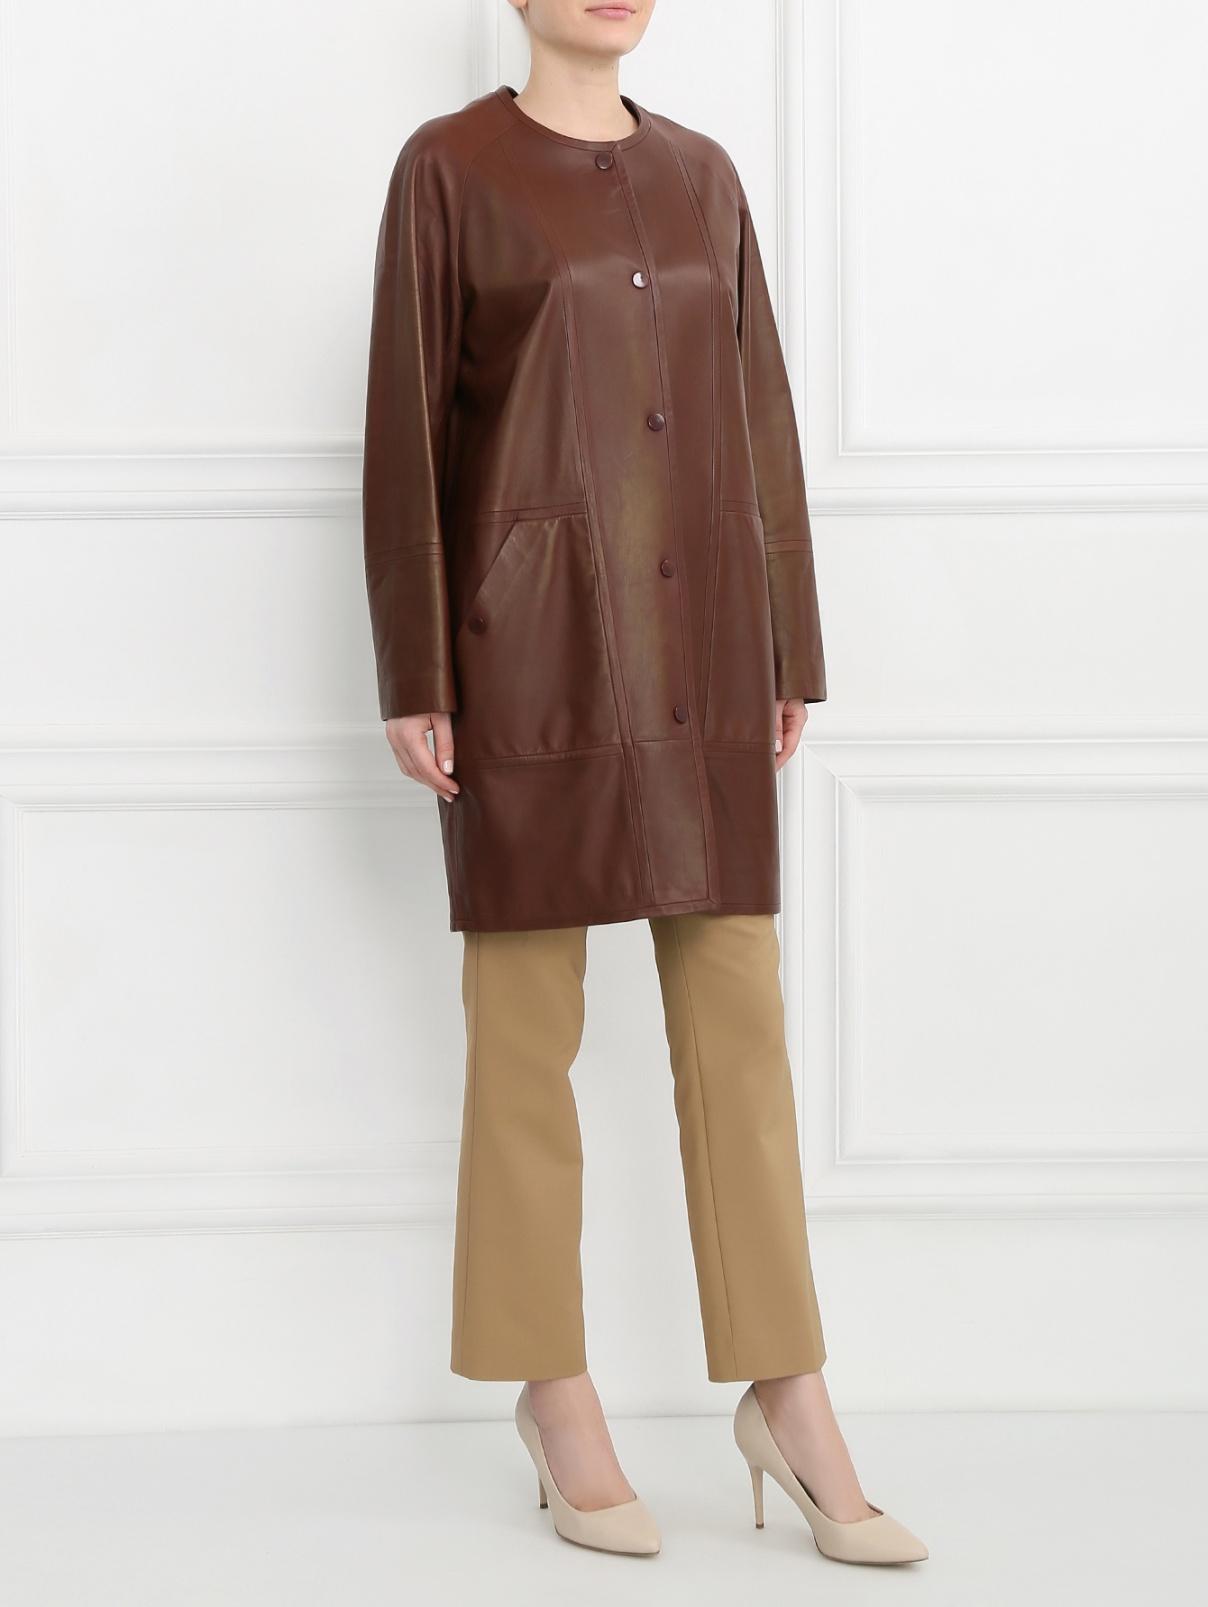 Пальто из кожи Yves Salomon  –  Модель Общий вид  – Цвет:  Коричневый